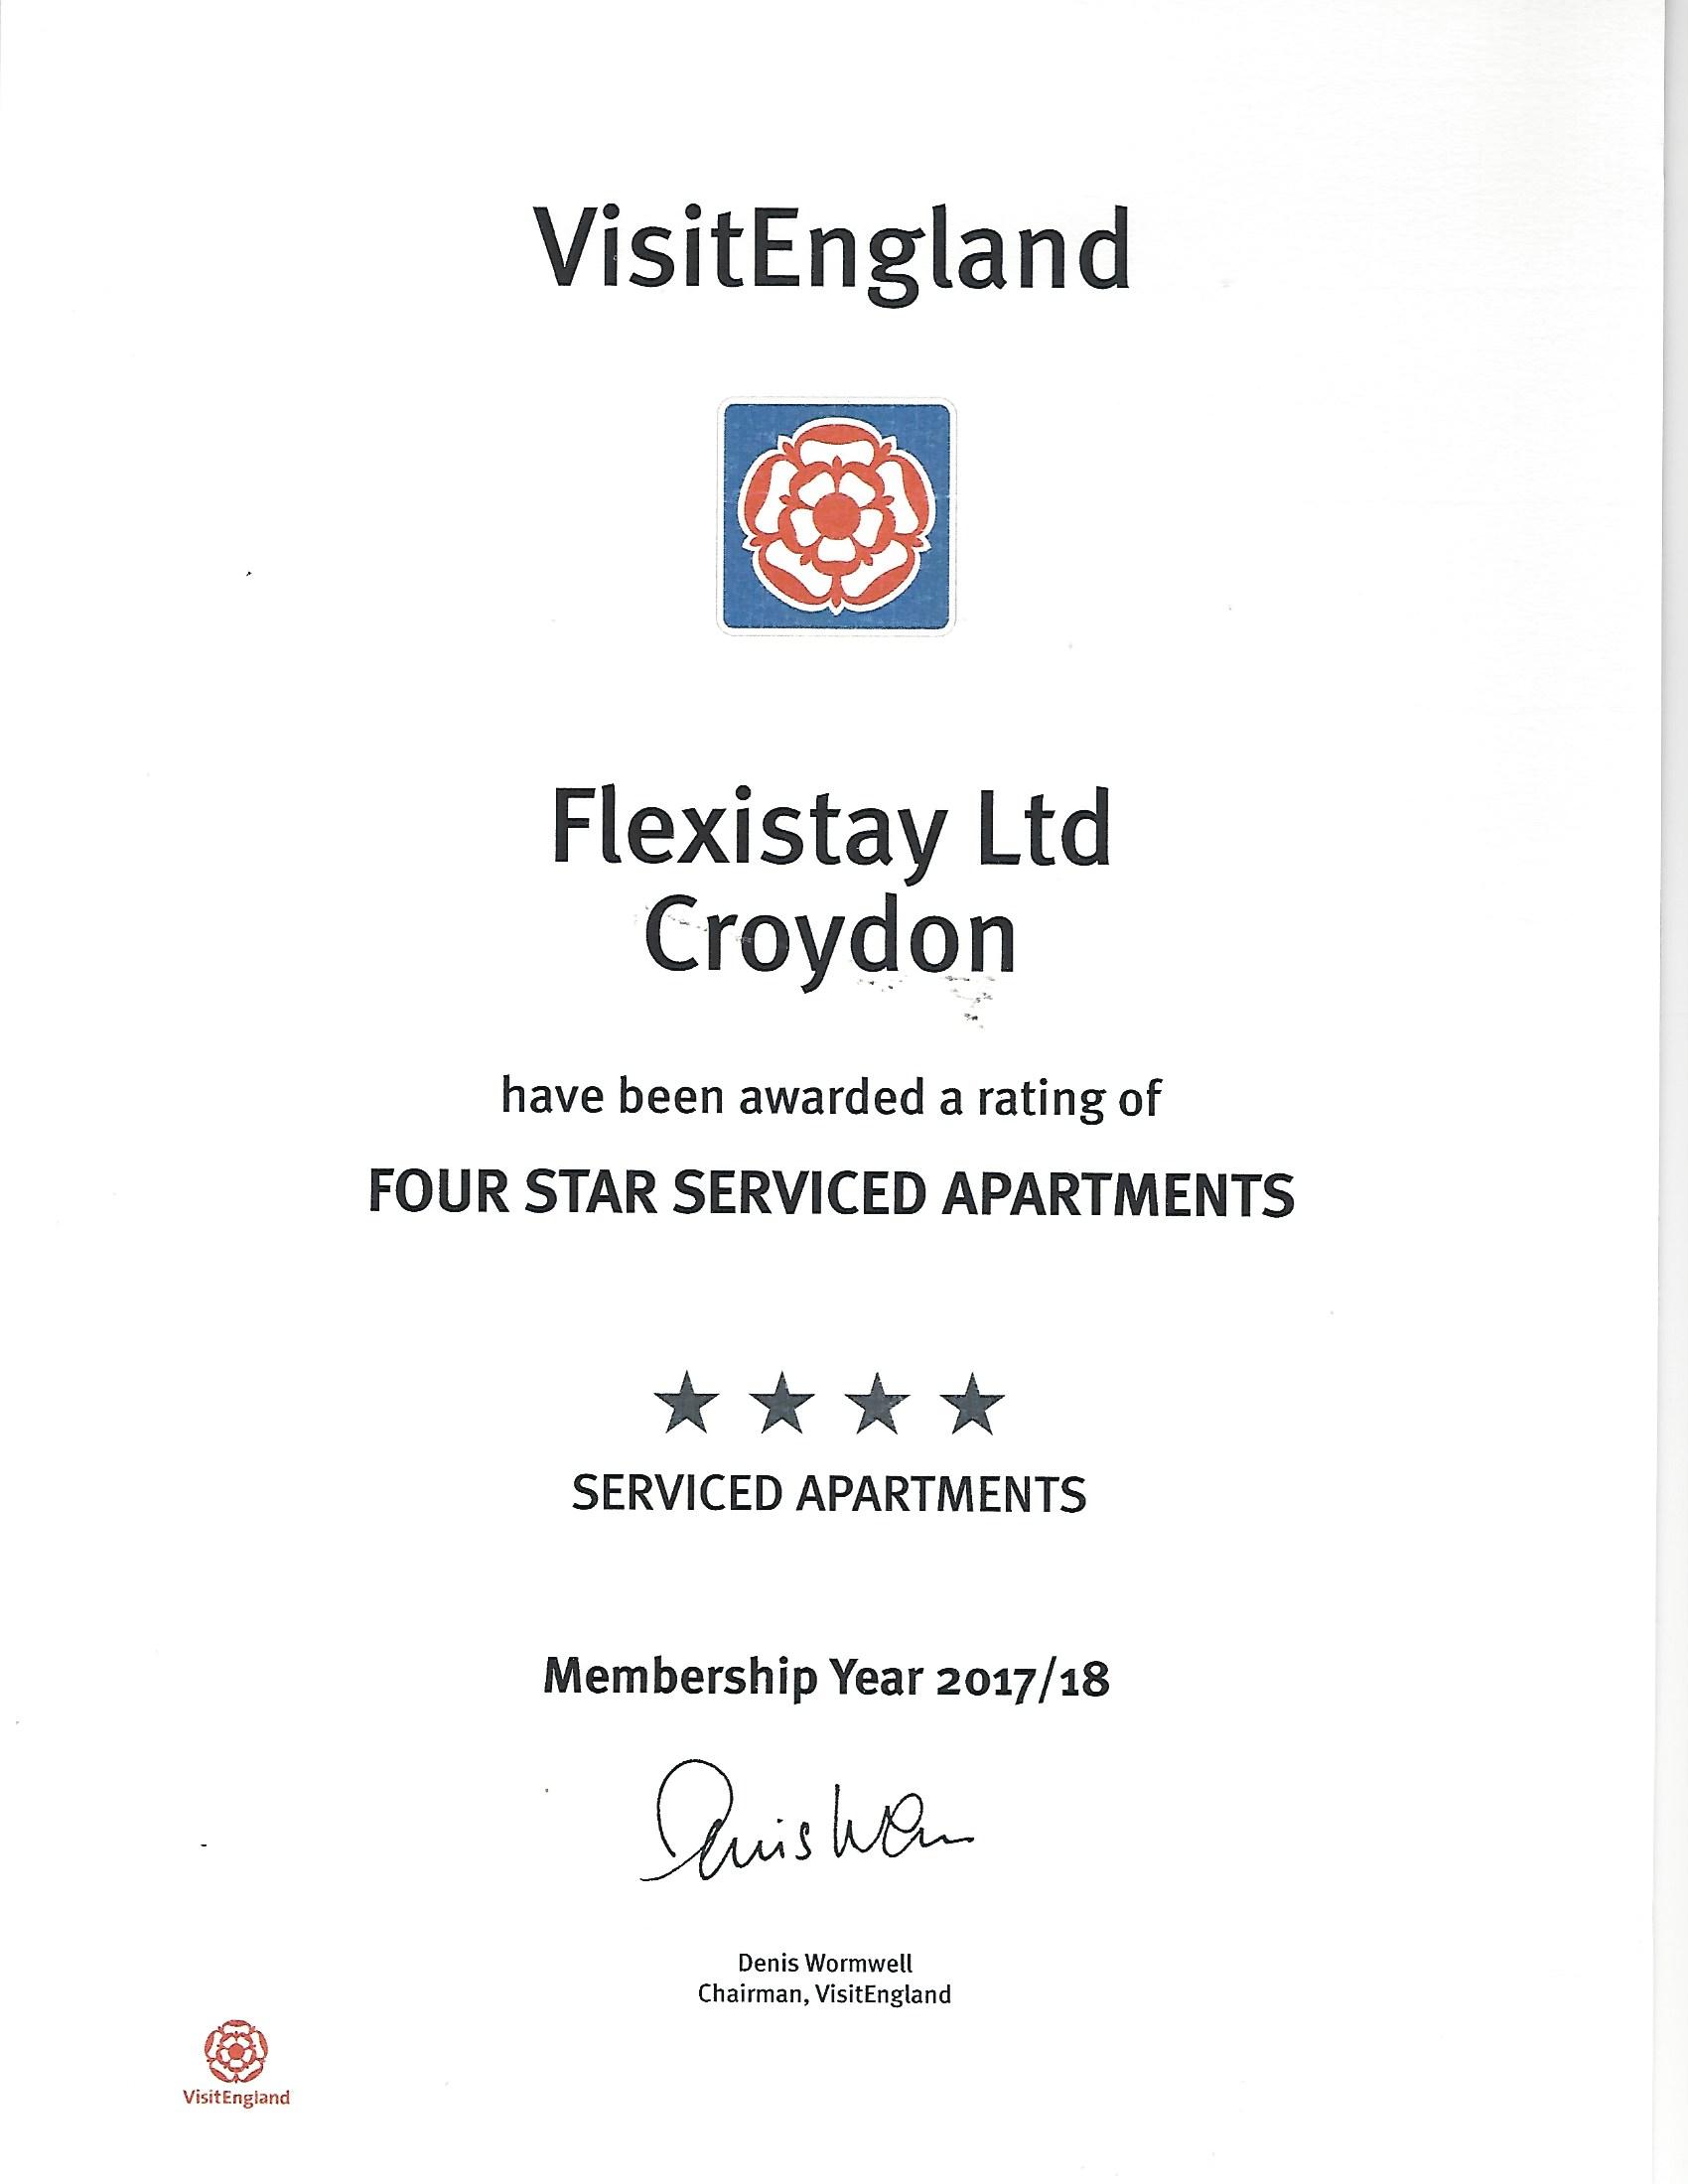 VisitEngland.com - Flexistay Croydon 2017-18